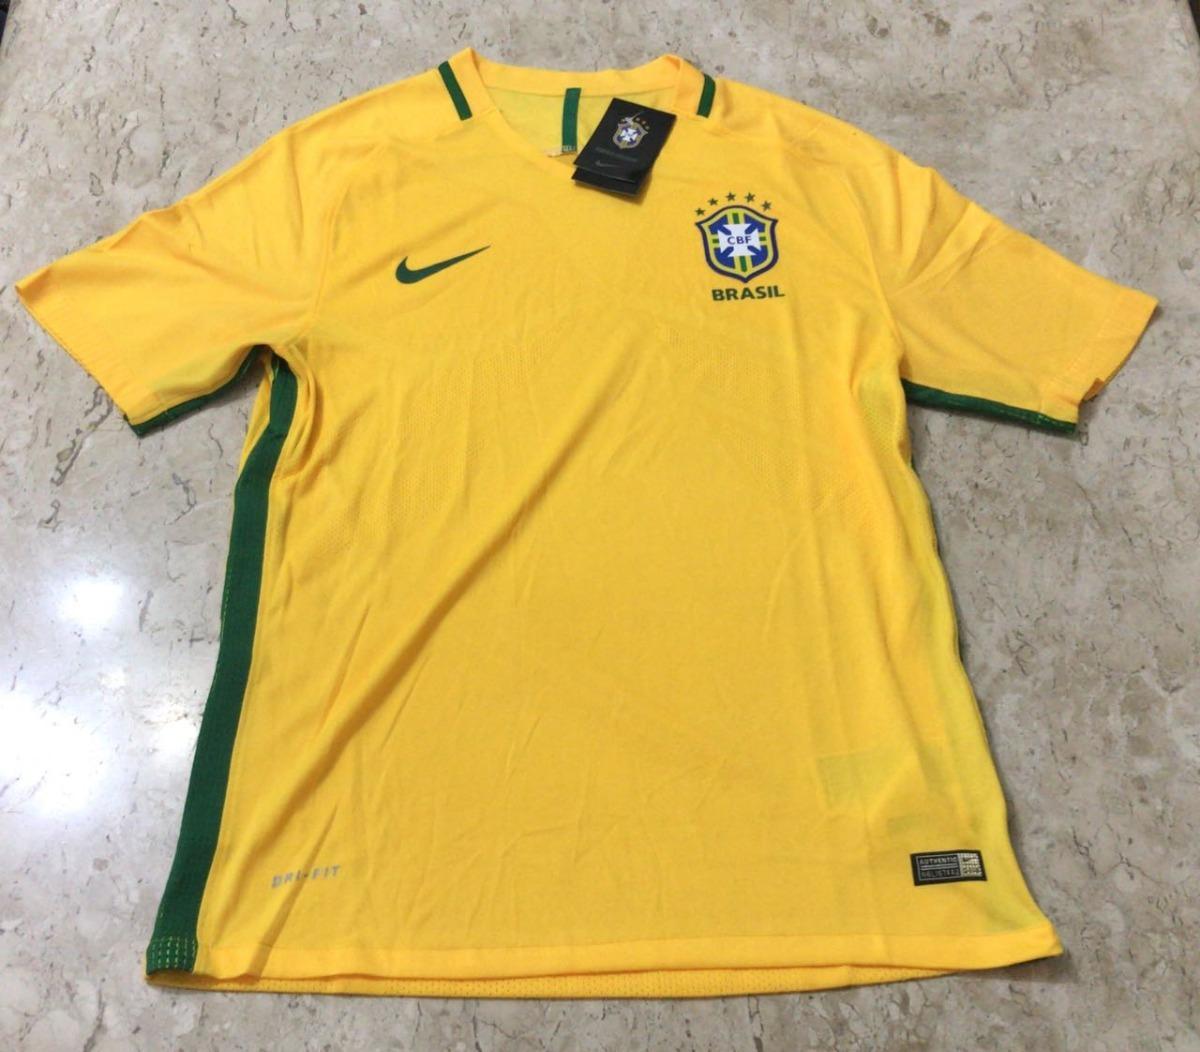 7cd79e0622ee9 camisa nike seleção brasil modelo jogador - pronta entrega. Carregando zoom.